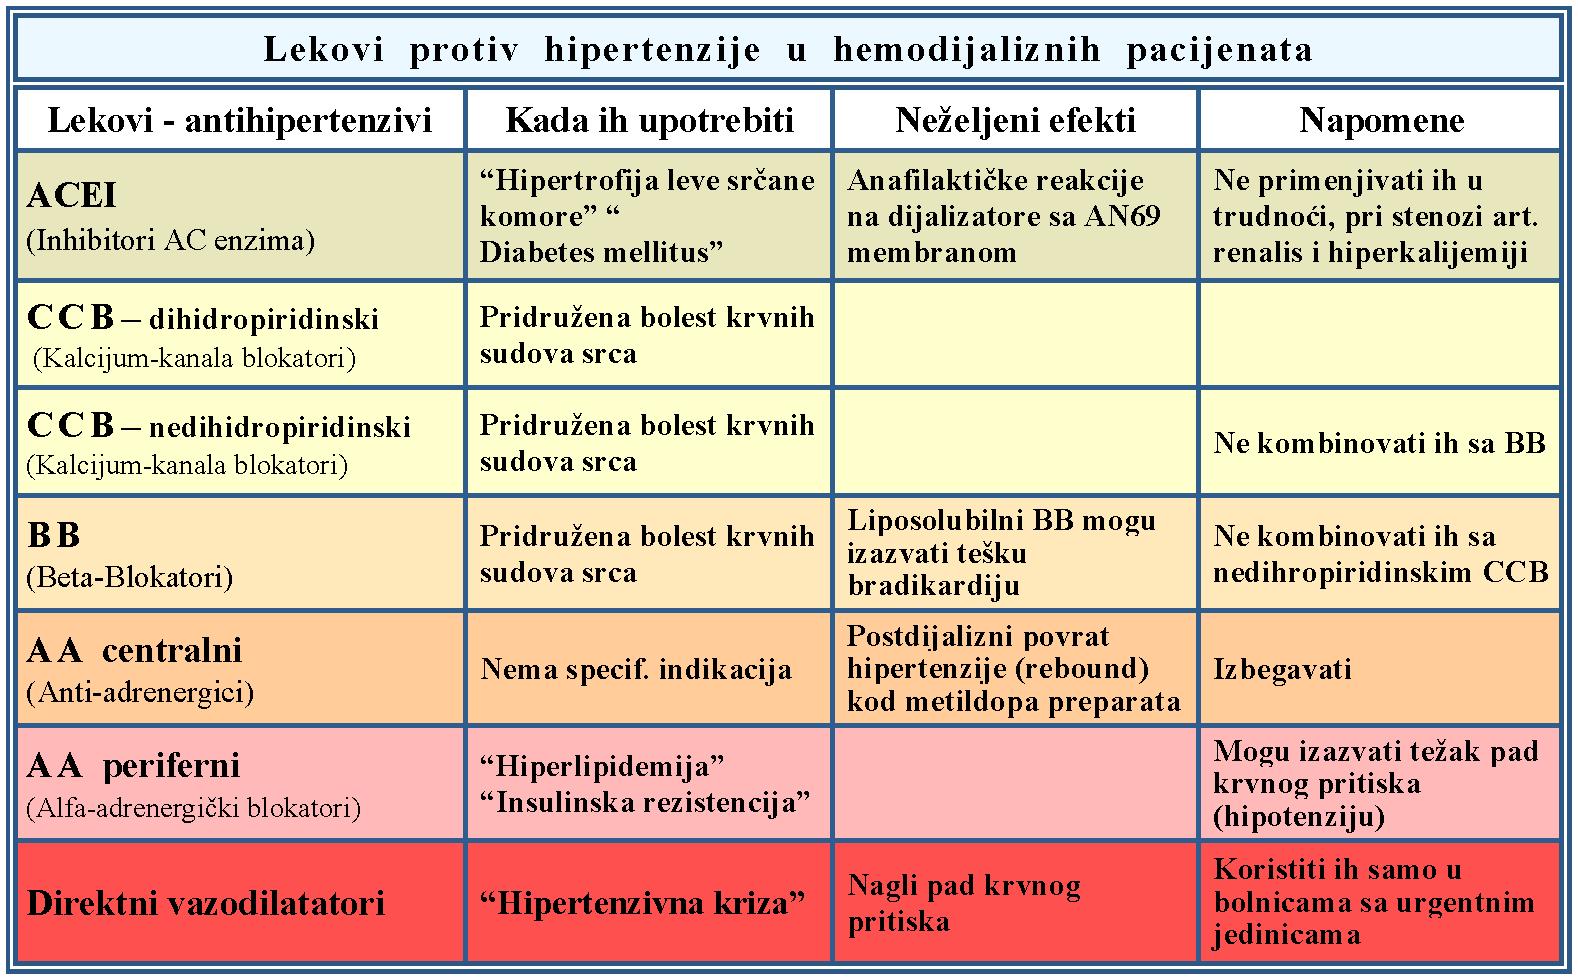 Neurološka simptomatologija neregulirane arterijske hipertenzije